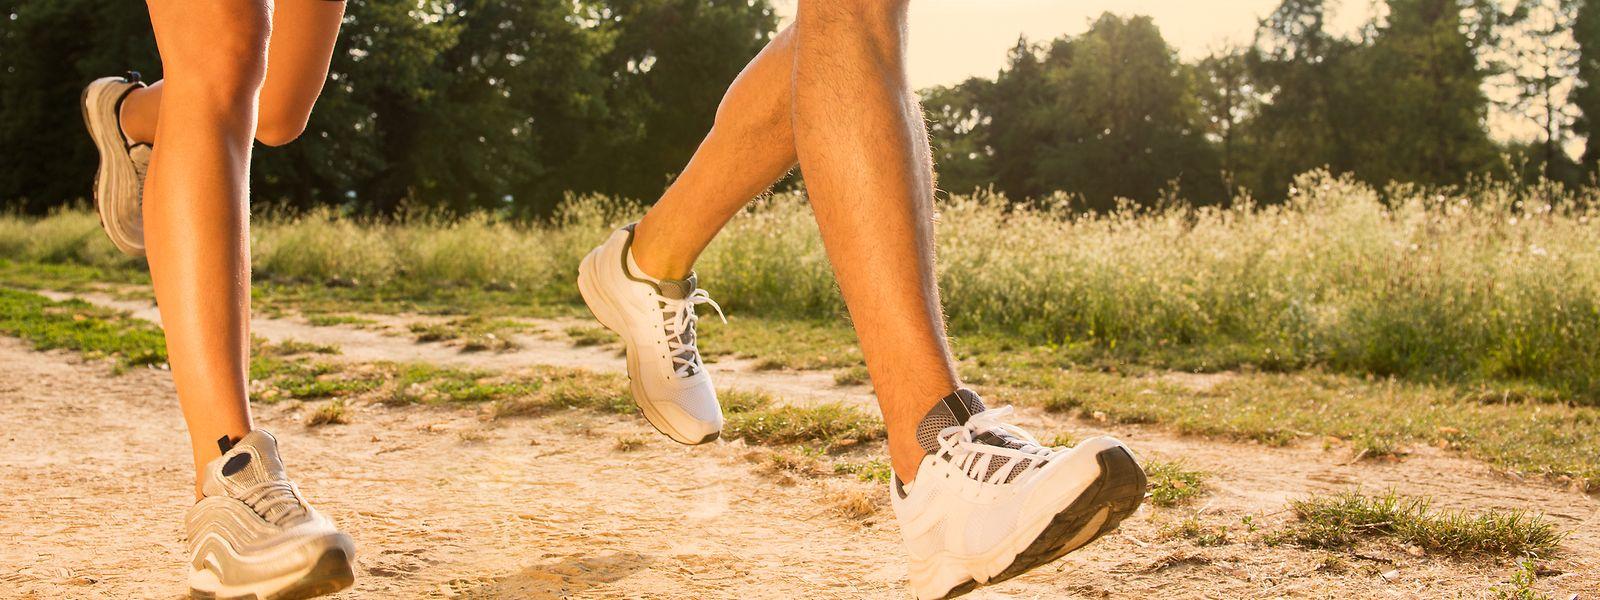 Viele Personen haben zuletzt so manche sportliche Tätigkeit für sich entdeckt oder das Training wieder aufgenommen.